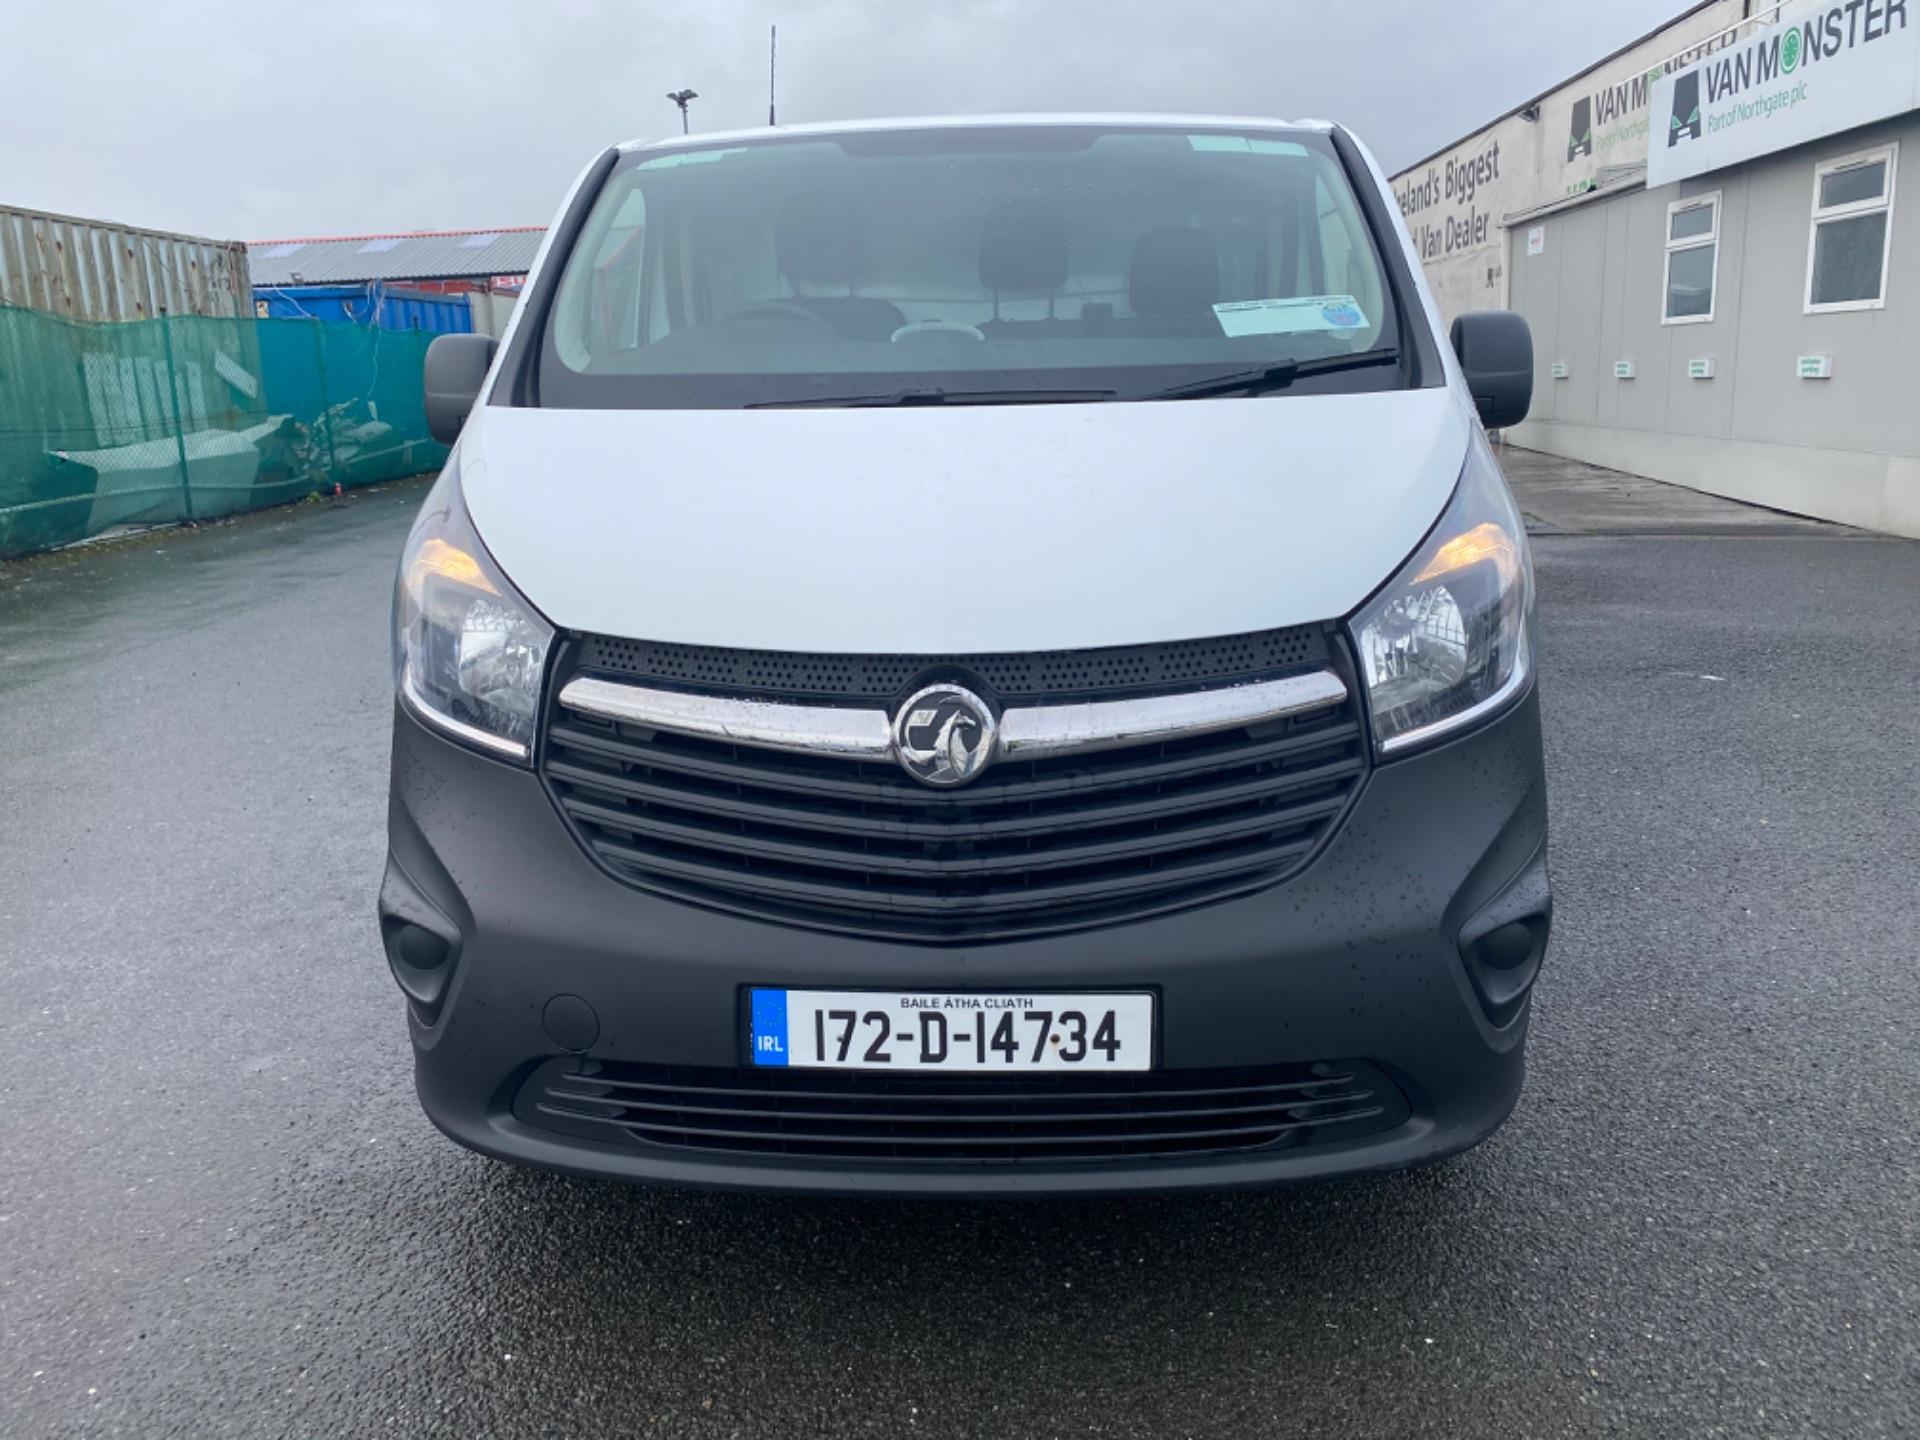 2017 Vauxhall Vivaro L2H1 2900 CDTI (172D14734) Image 2